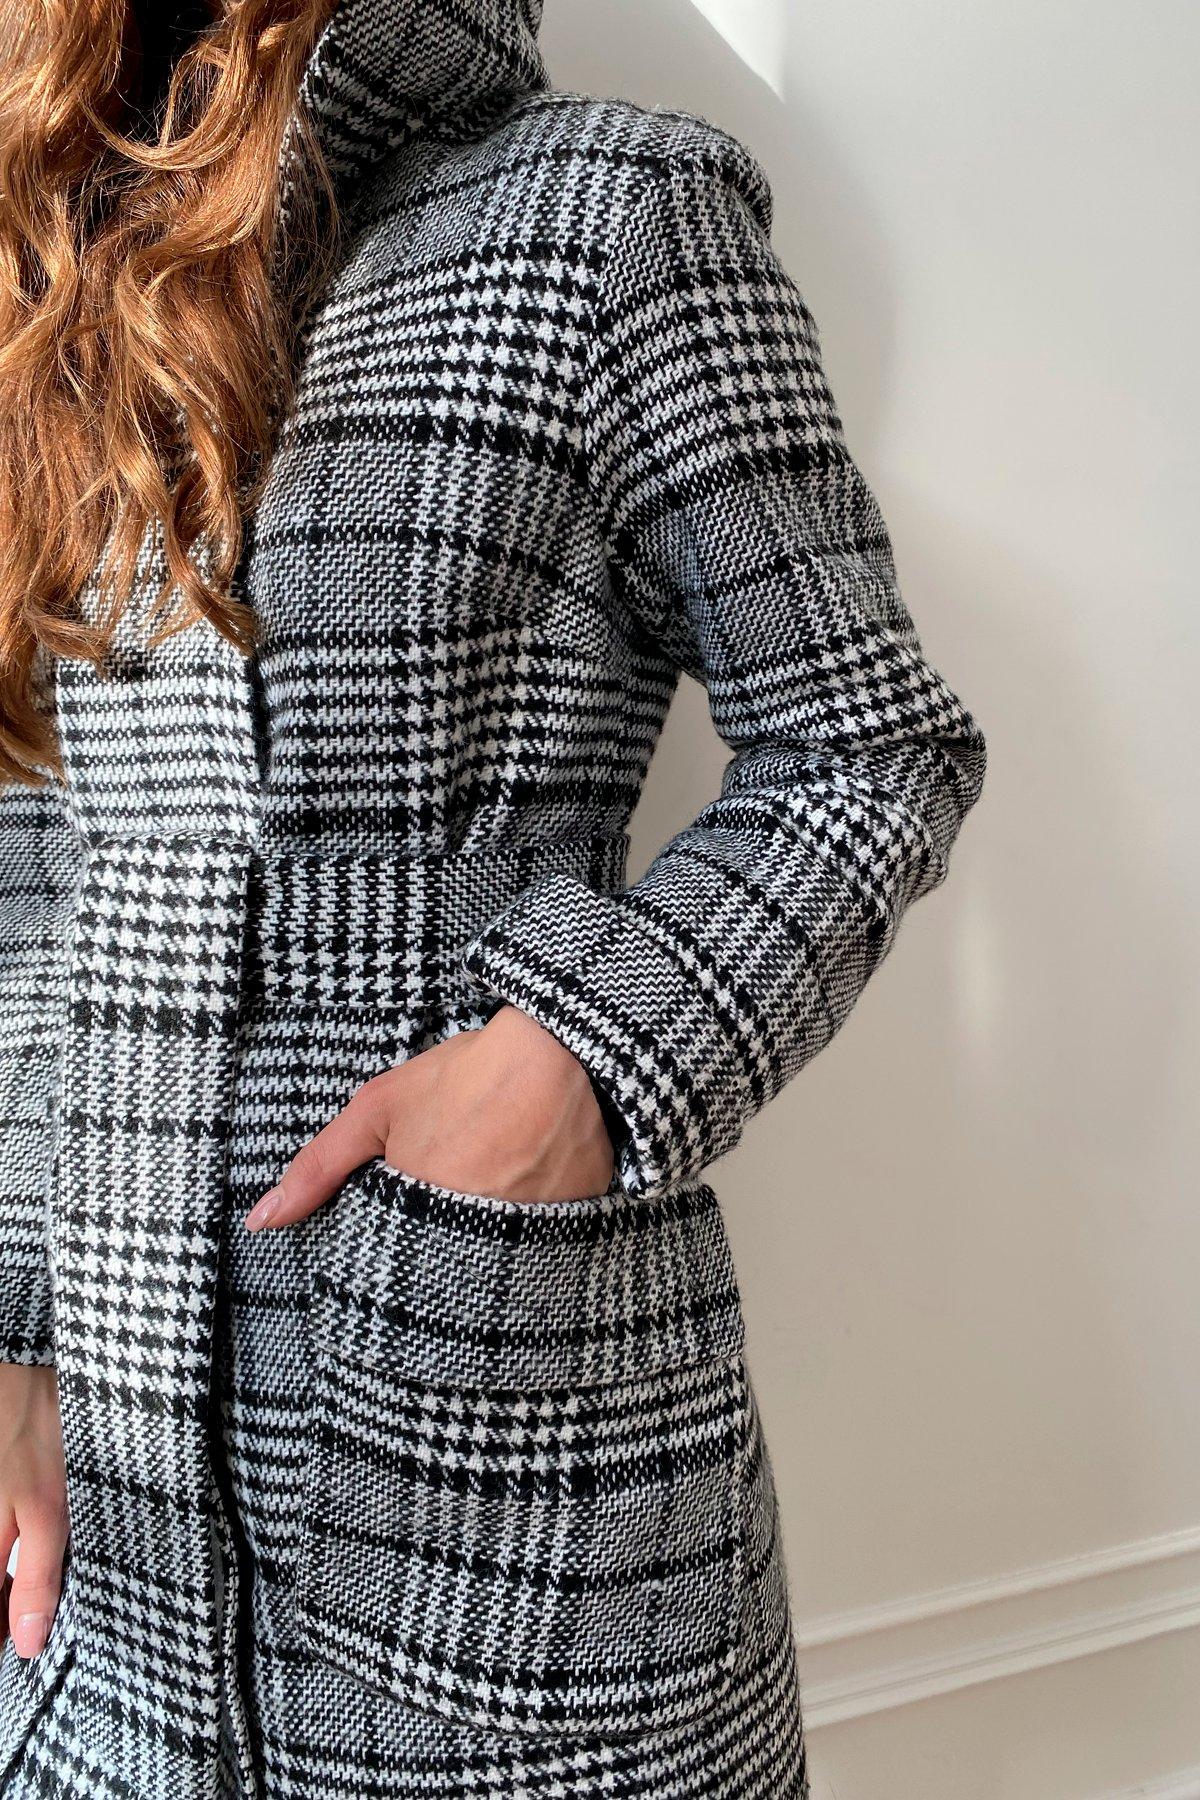 Зимнее пальто в стильную клетку Анджи 8276 АРТ. 44841 Цвет: Клетка чер/бел - фото 5, интернет магазин tm-modus.ru